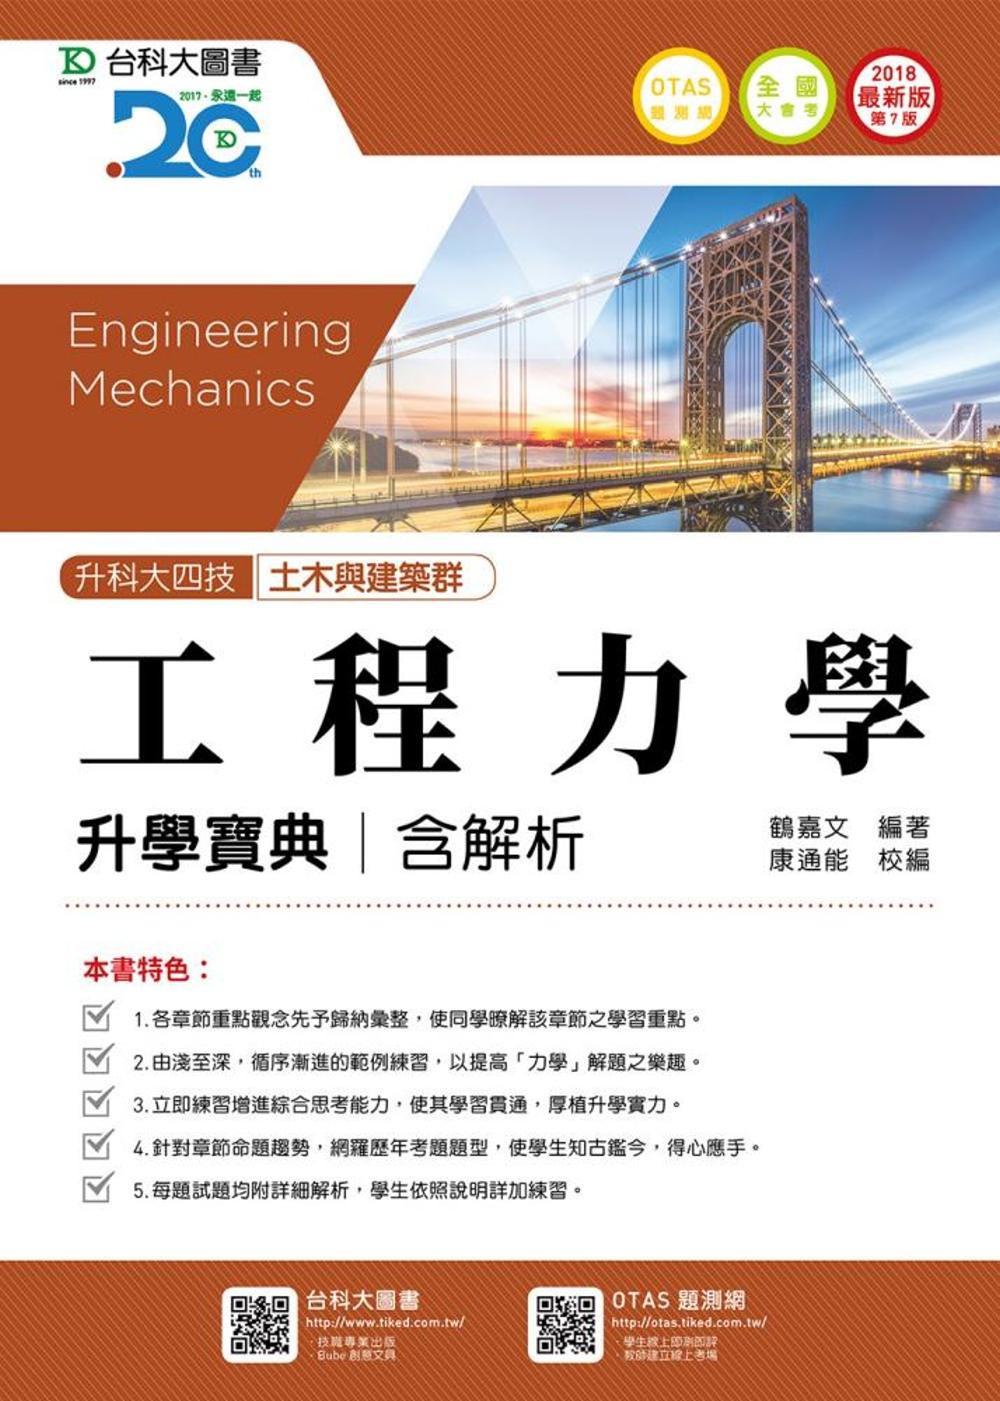 升科大四技土木與建築群工程力學升學寶典含解析 - 2018年最新版(第七版) - 附贈OTAS題測系統